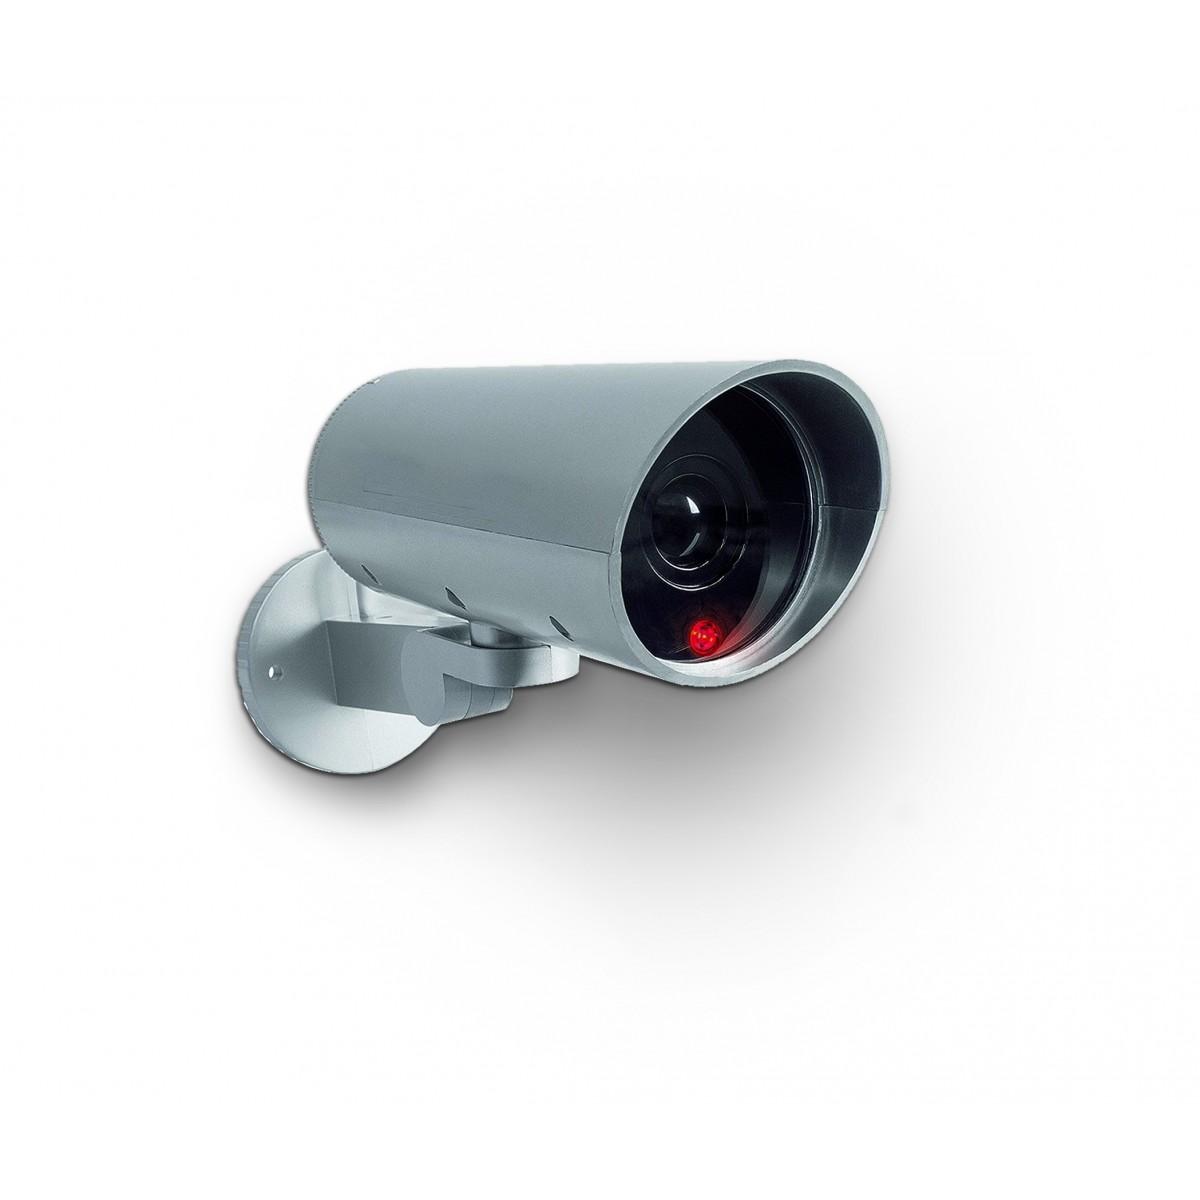 Camera motorisée à detecteur de mouvement factice